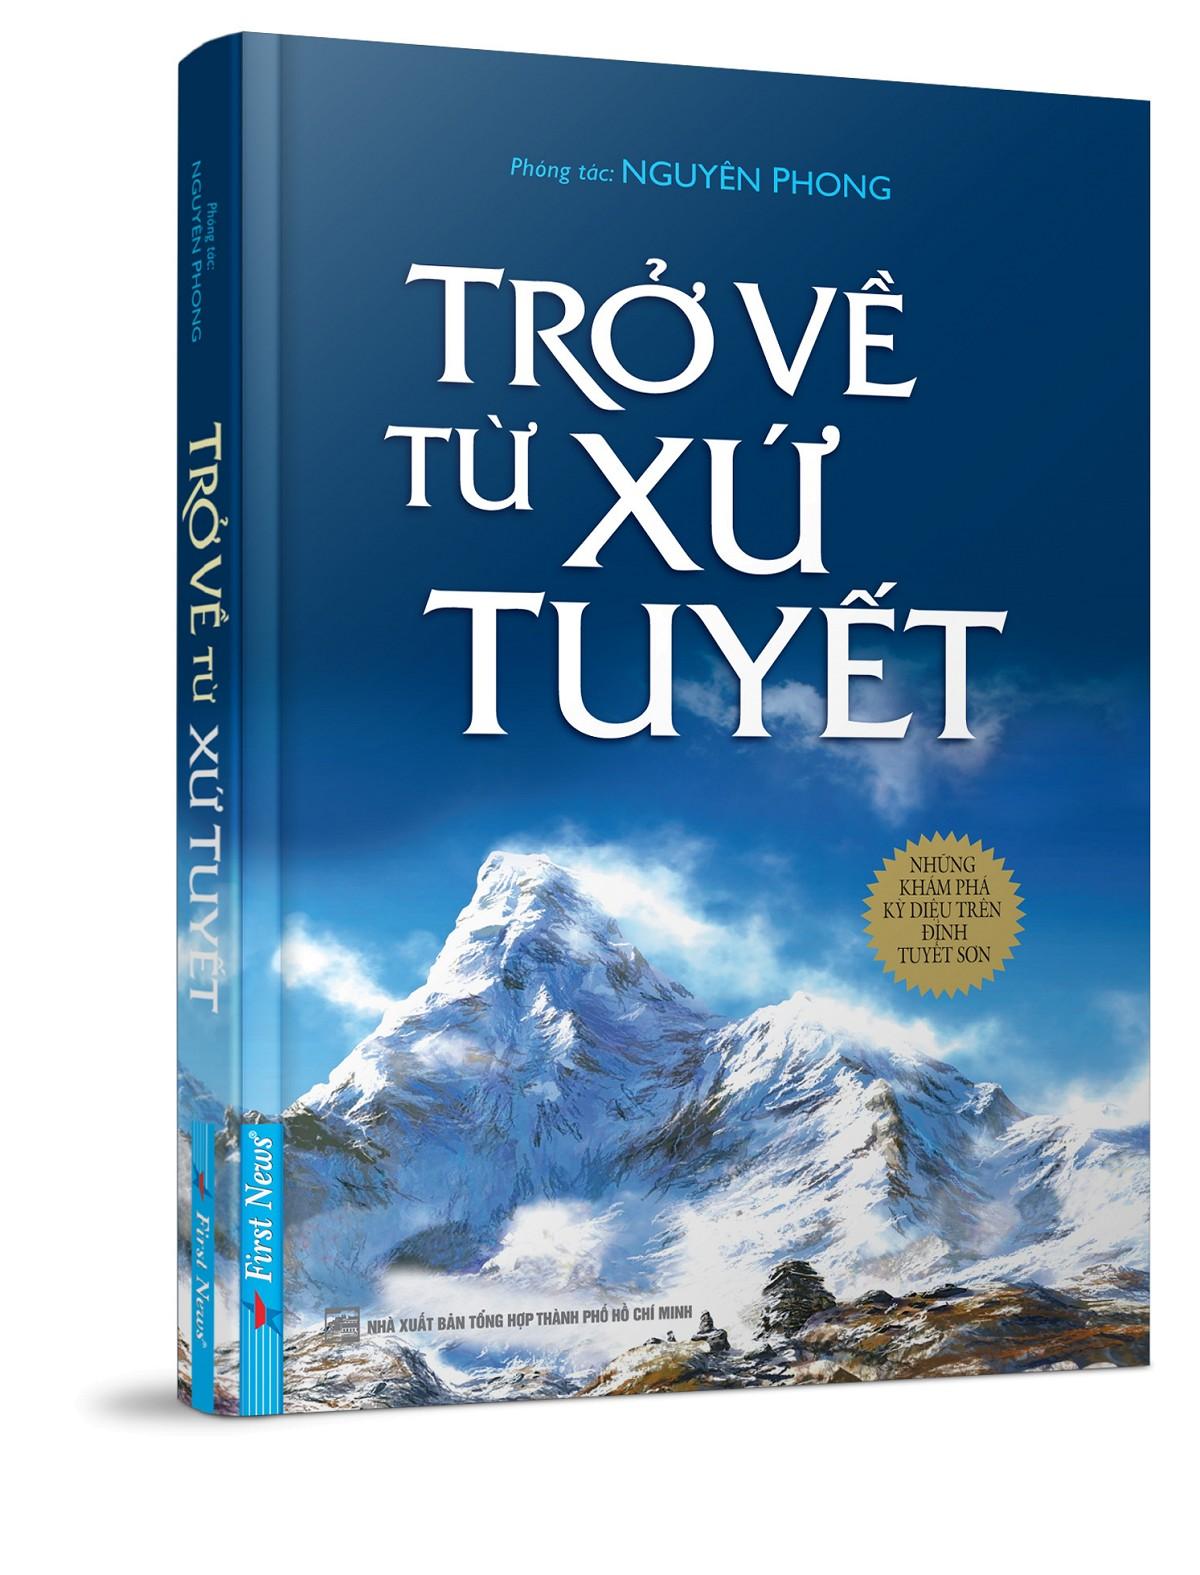 trovexutuyet-1-.u2487.d20161014.t154111.142881.jpg